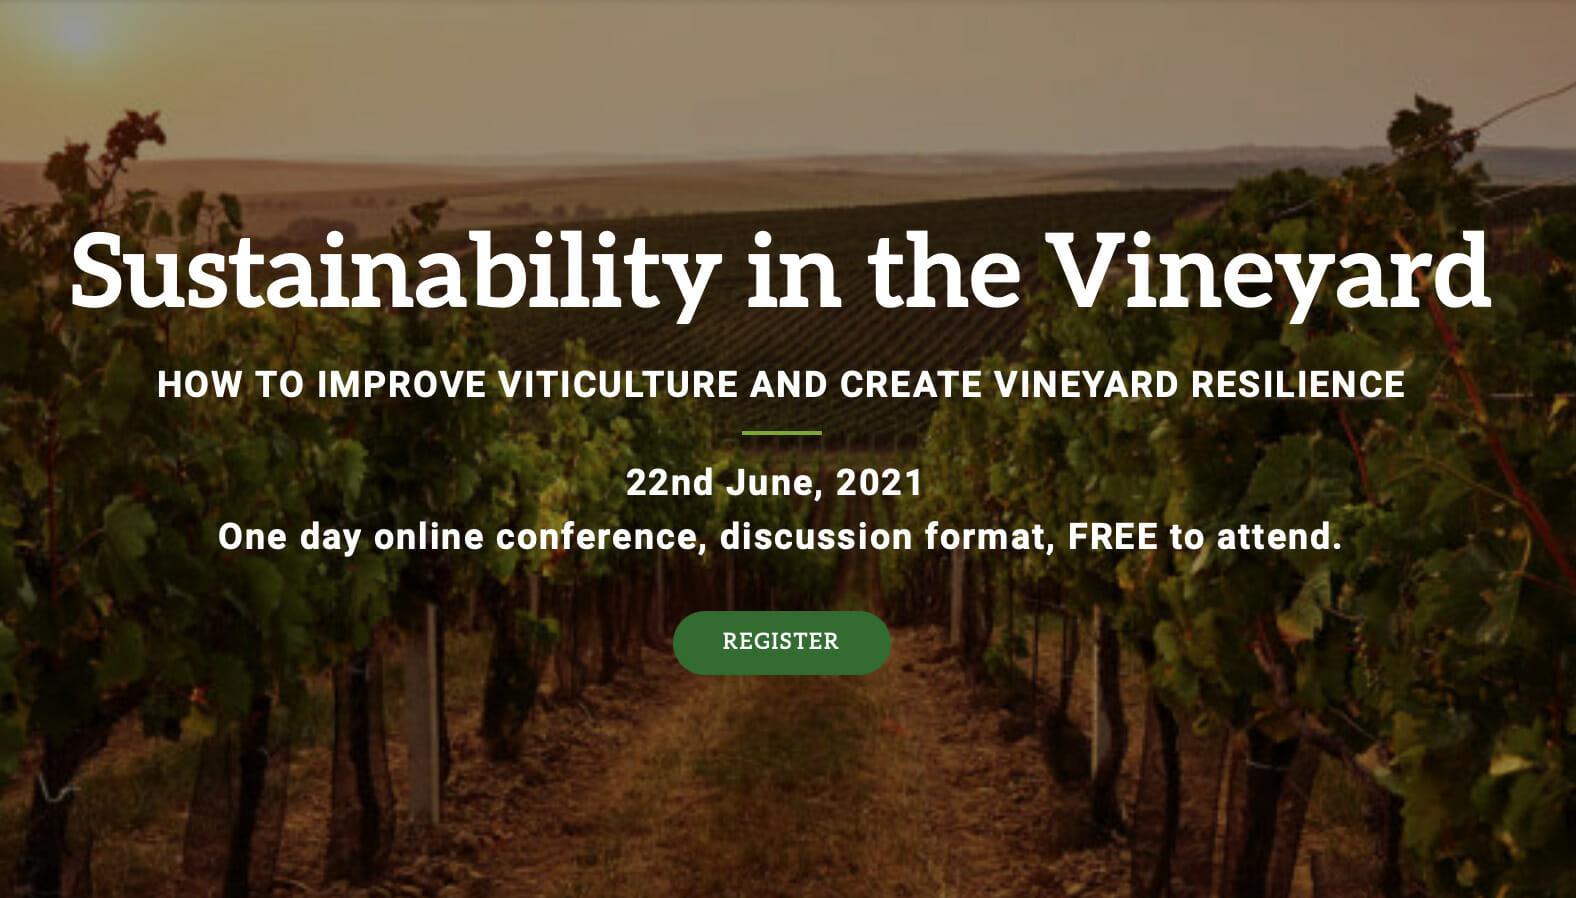 Alentejo conferência sustentabilidade